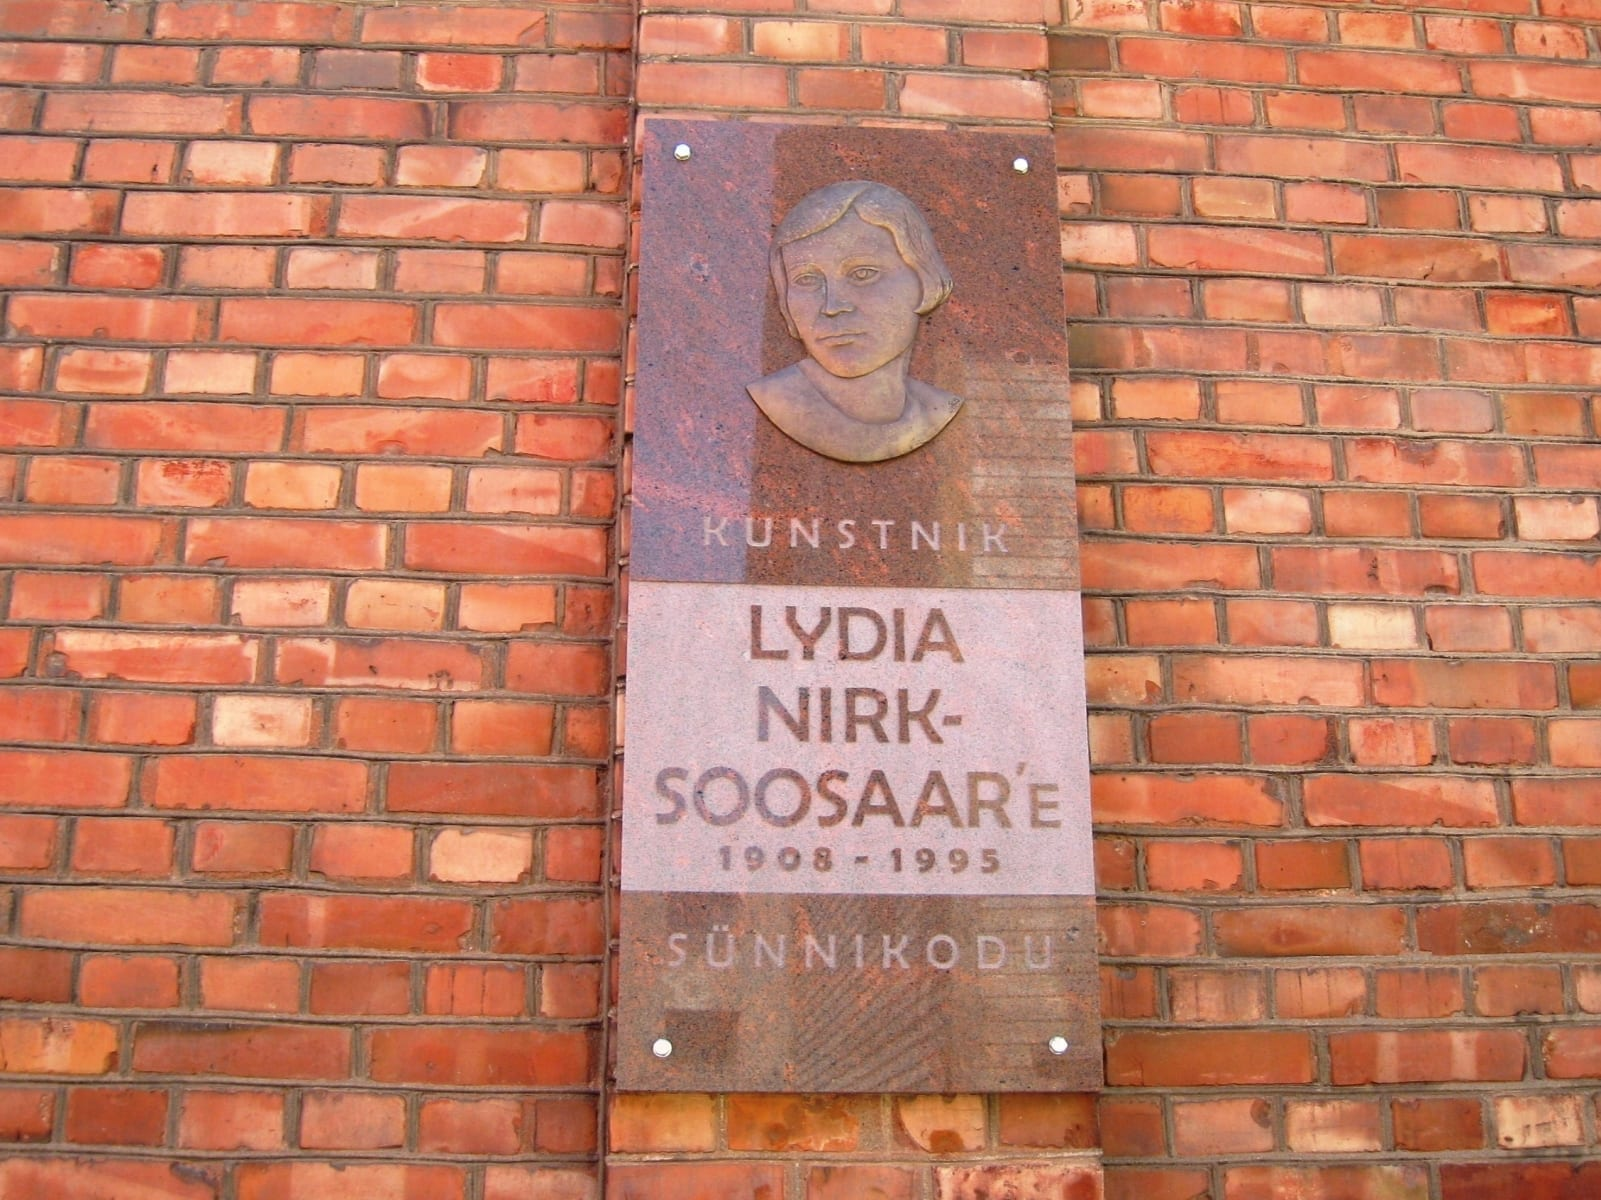 Mälestustahvel maalija LYDIA NIRK-SOOSAARELE 2008 pronks, graniit - Viljandi, Eesti  <br/>Memorial tablet for a painter LYDIA NIRK-SOOSAAR 2008 bronze, granit - Viljandi, Estonia